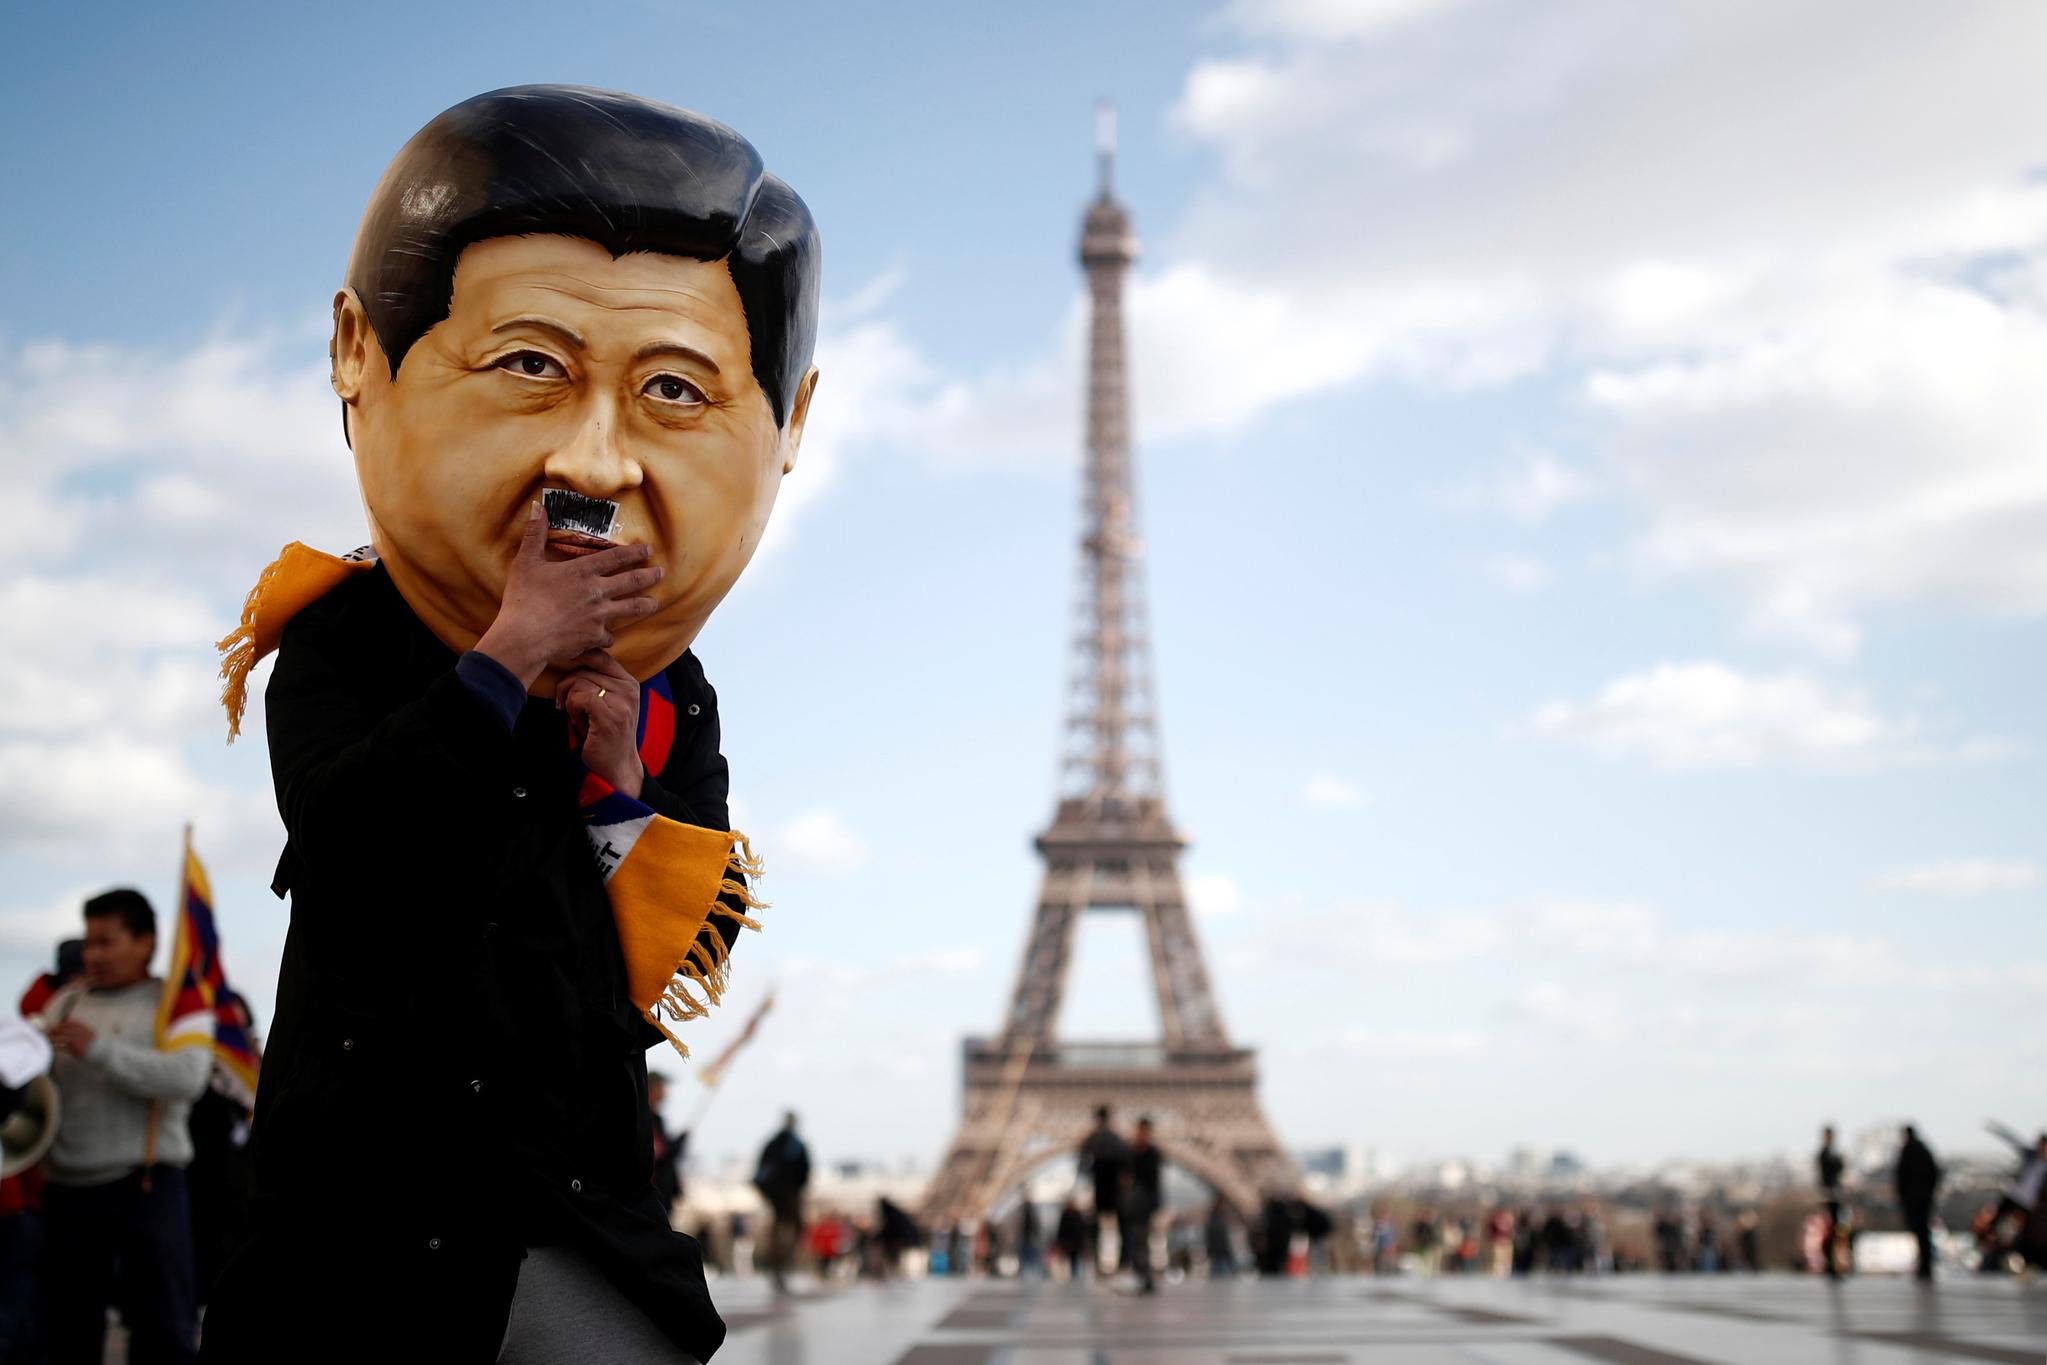 콧수염을 붙인 시진핑 중국 국가주석의 탈을 쓴 한 사람이 25일(현지시간) 프랑스 파리 에펠탑 앞에 서 있다. [로이터=연합뉴스]